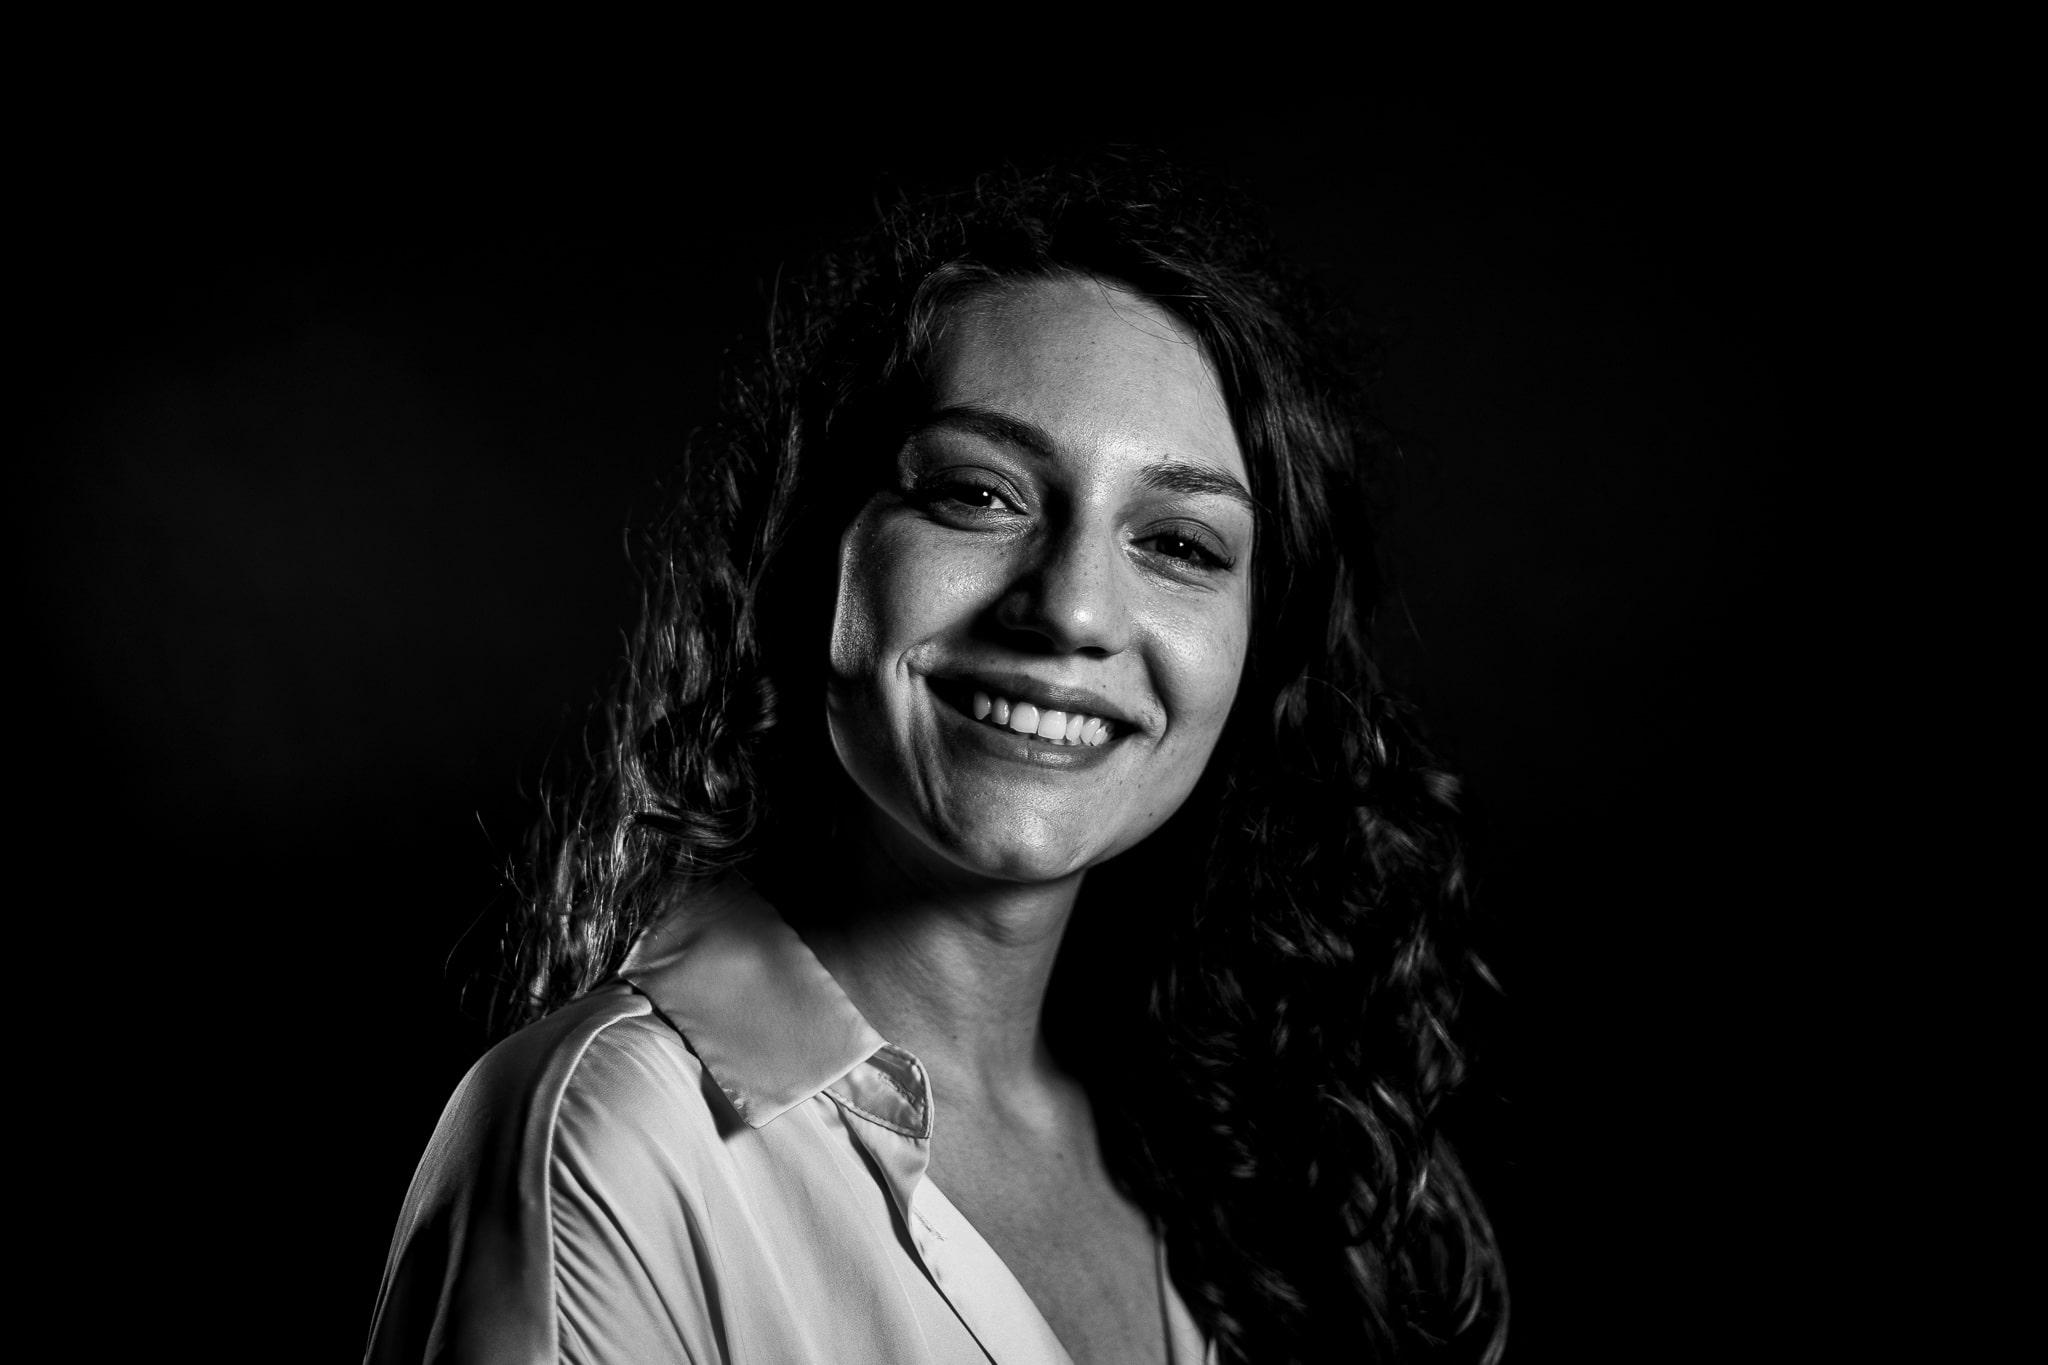 Lamiaa Hilali